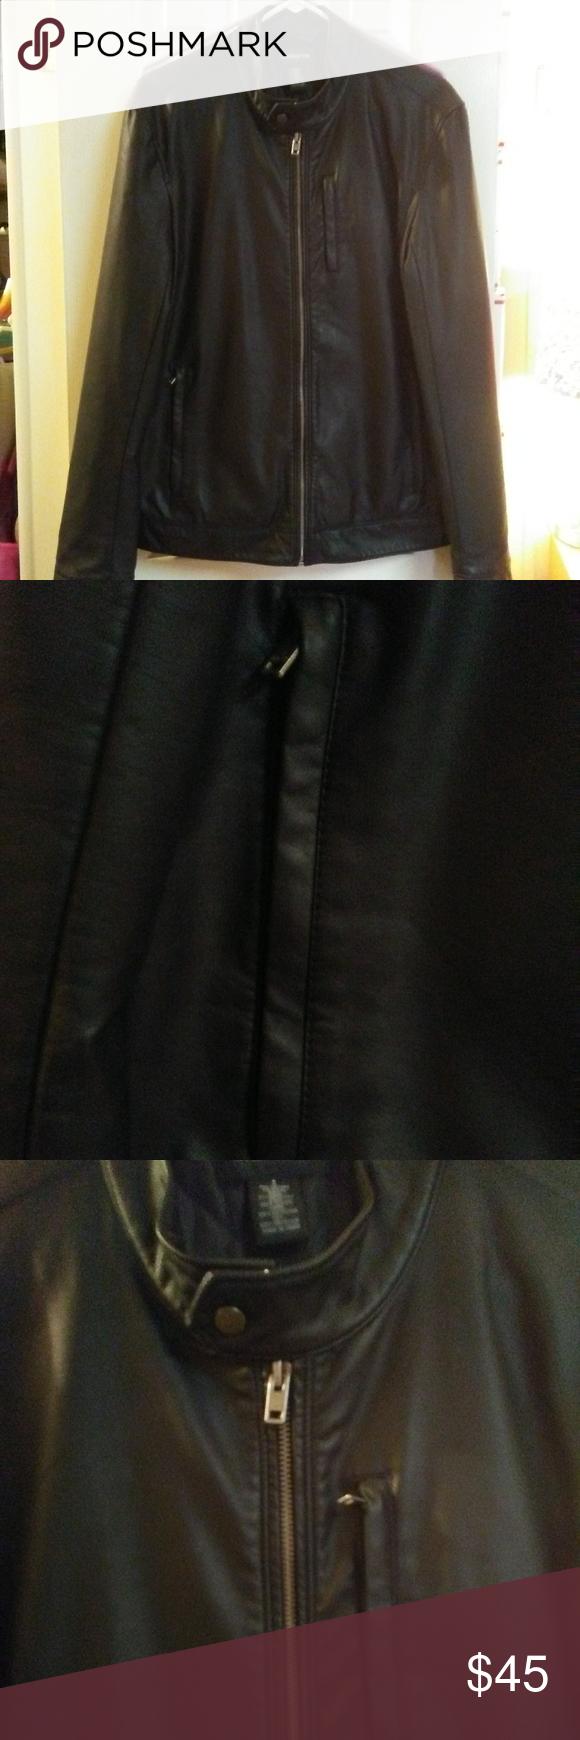 Euc Claiborne Faux Leather Moto Jacket In 2021 Leather Moto Jacket Vintage Leather Jacket Faux Leather Moto Jacket